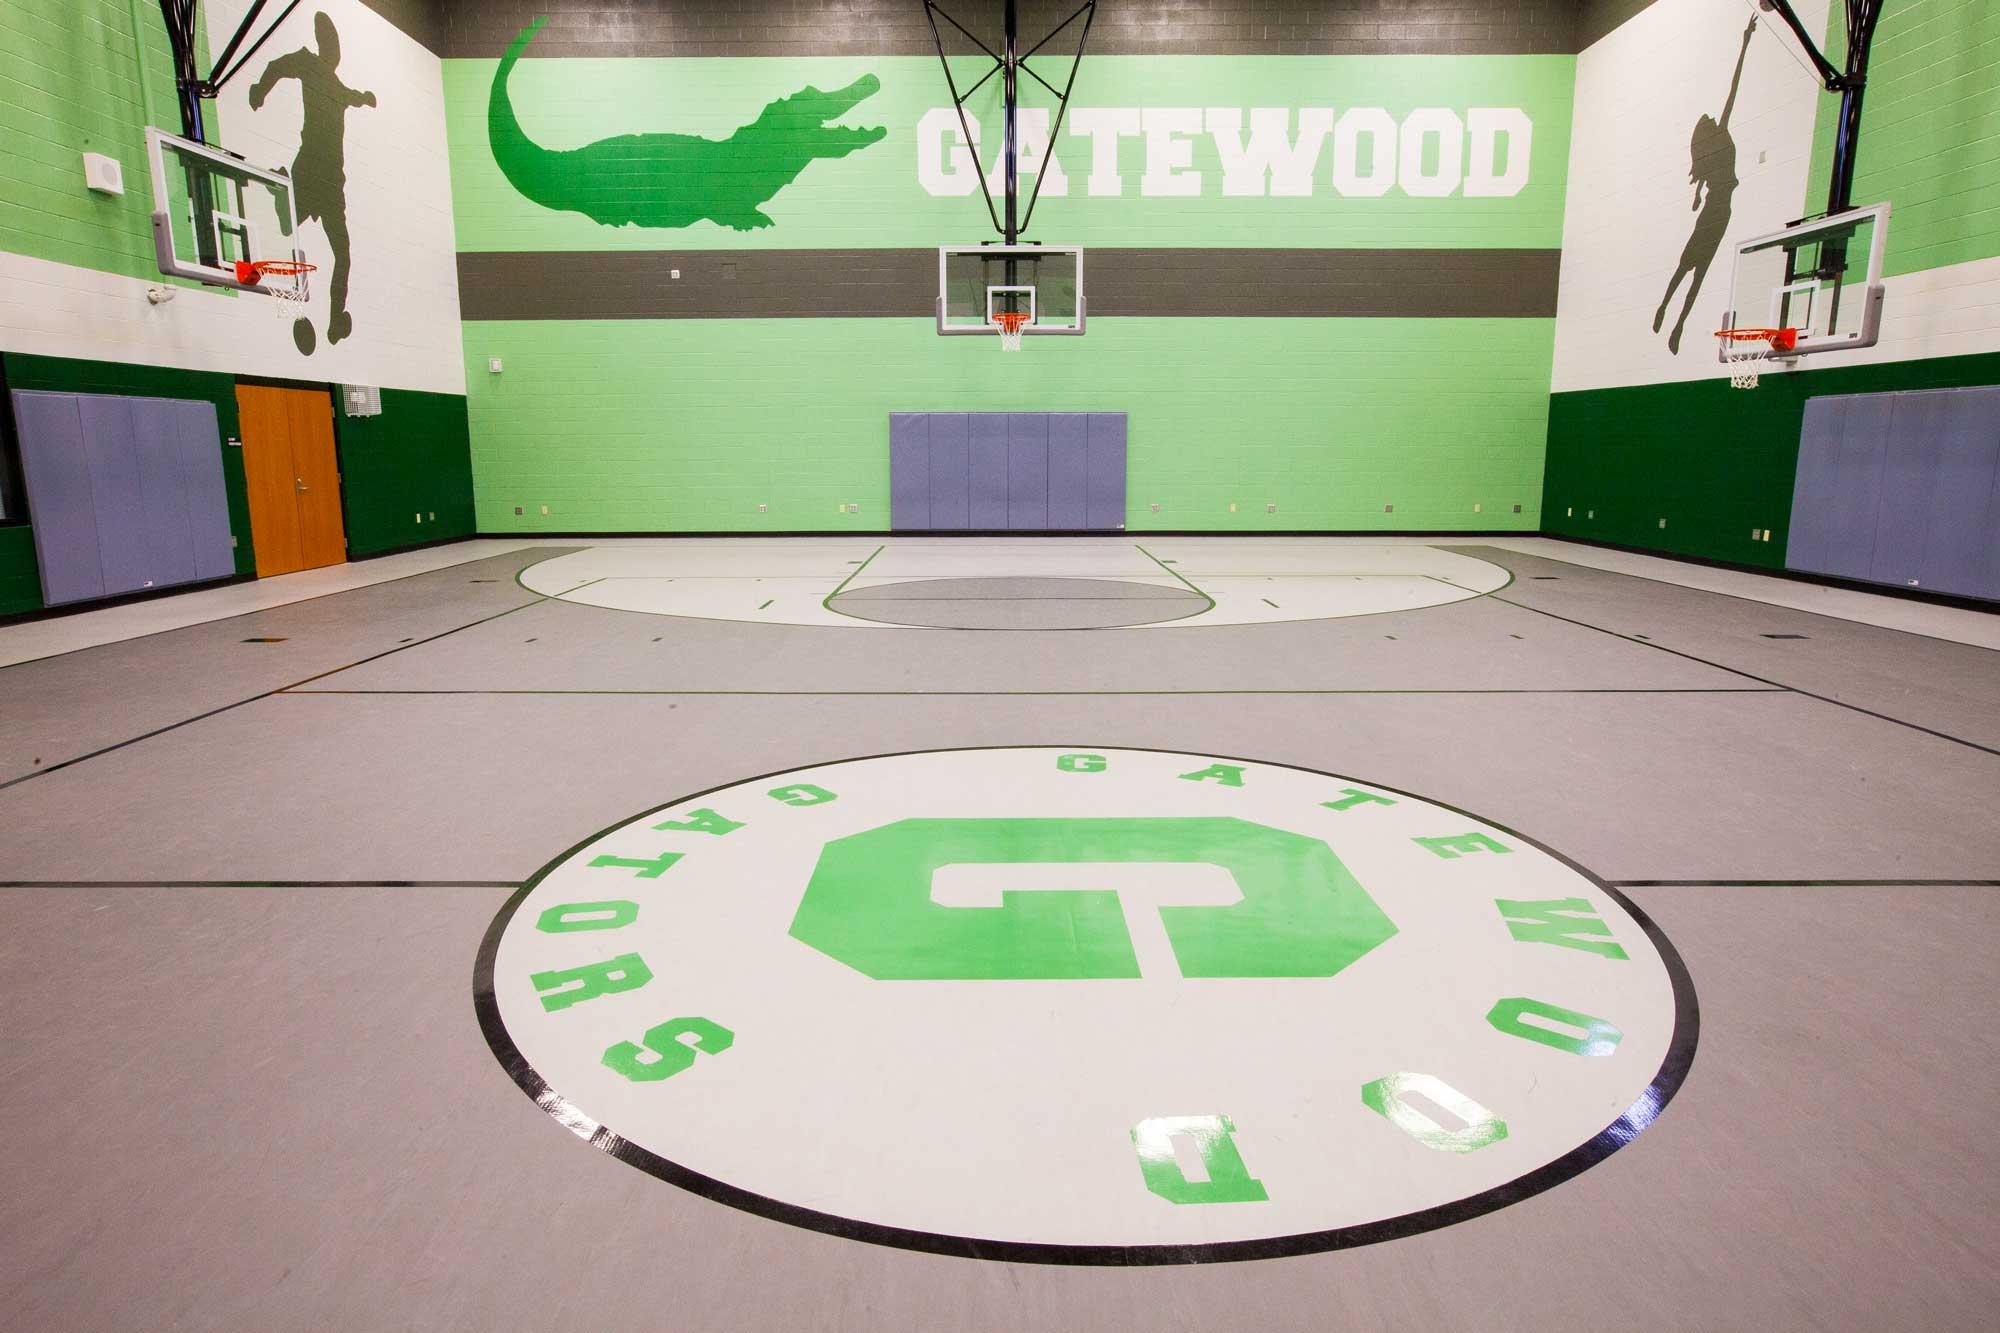 Gatewood Elementary School,  Oklahoma City, Oklahoma, USA